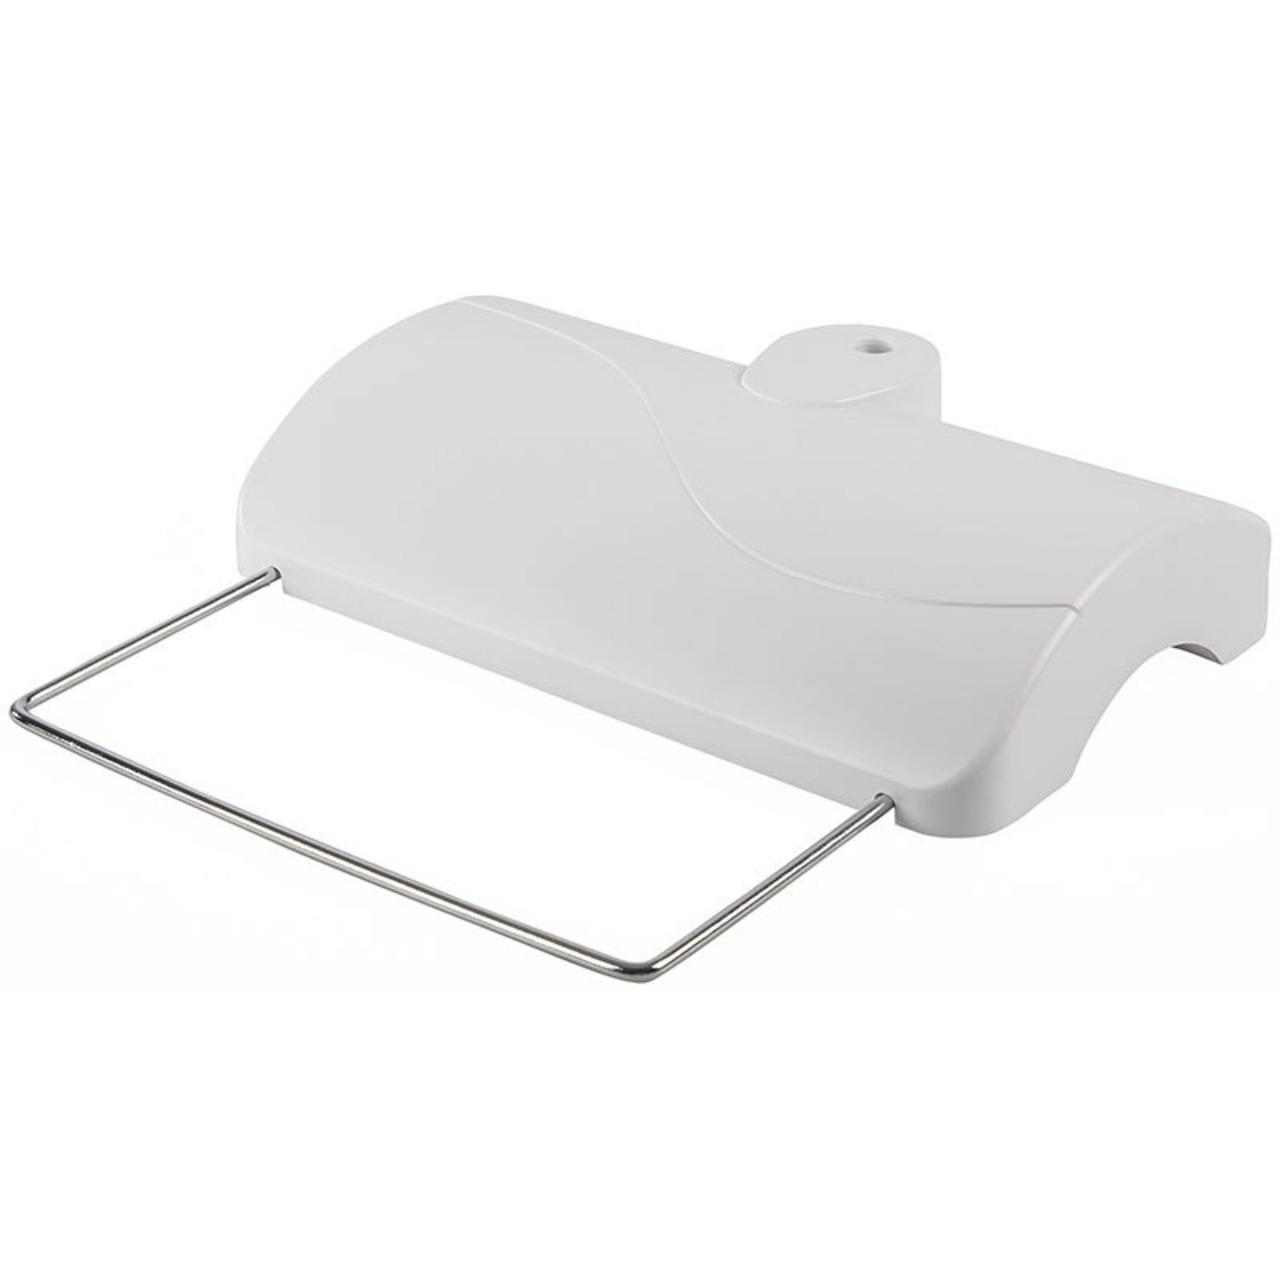 ELV Standfuss für Lupenleuchte mit Gelenkarm- 7-8 kg